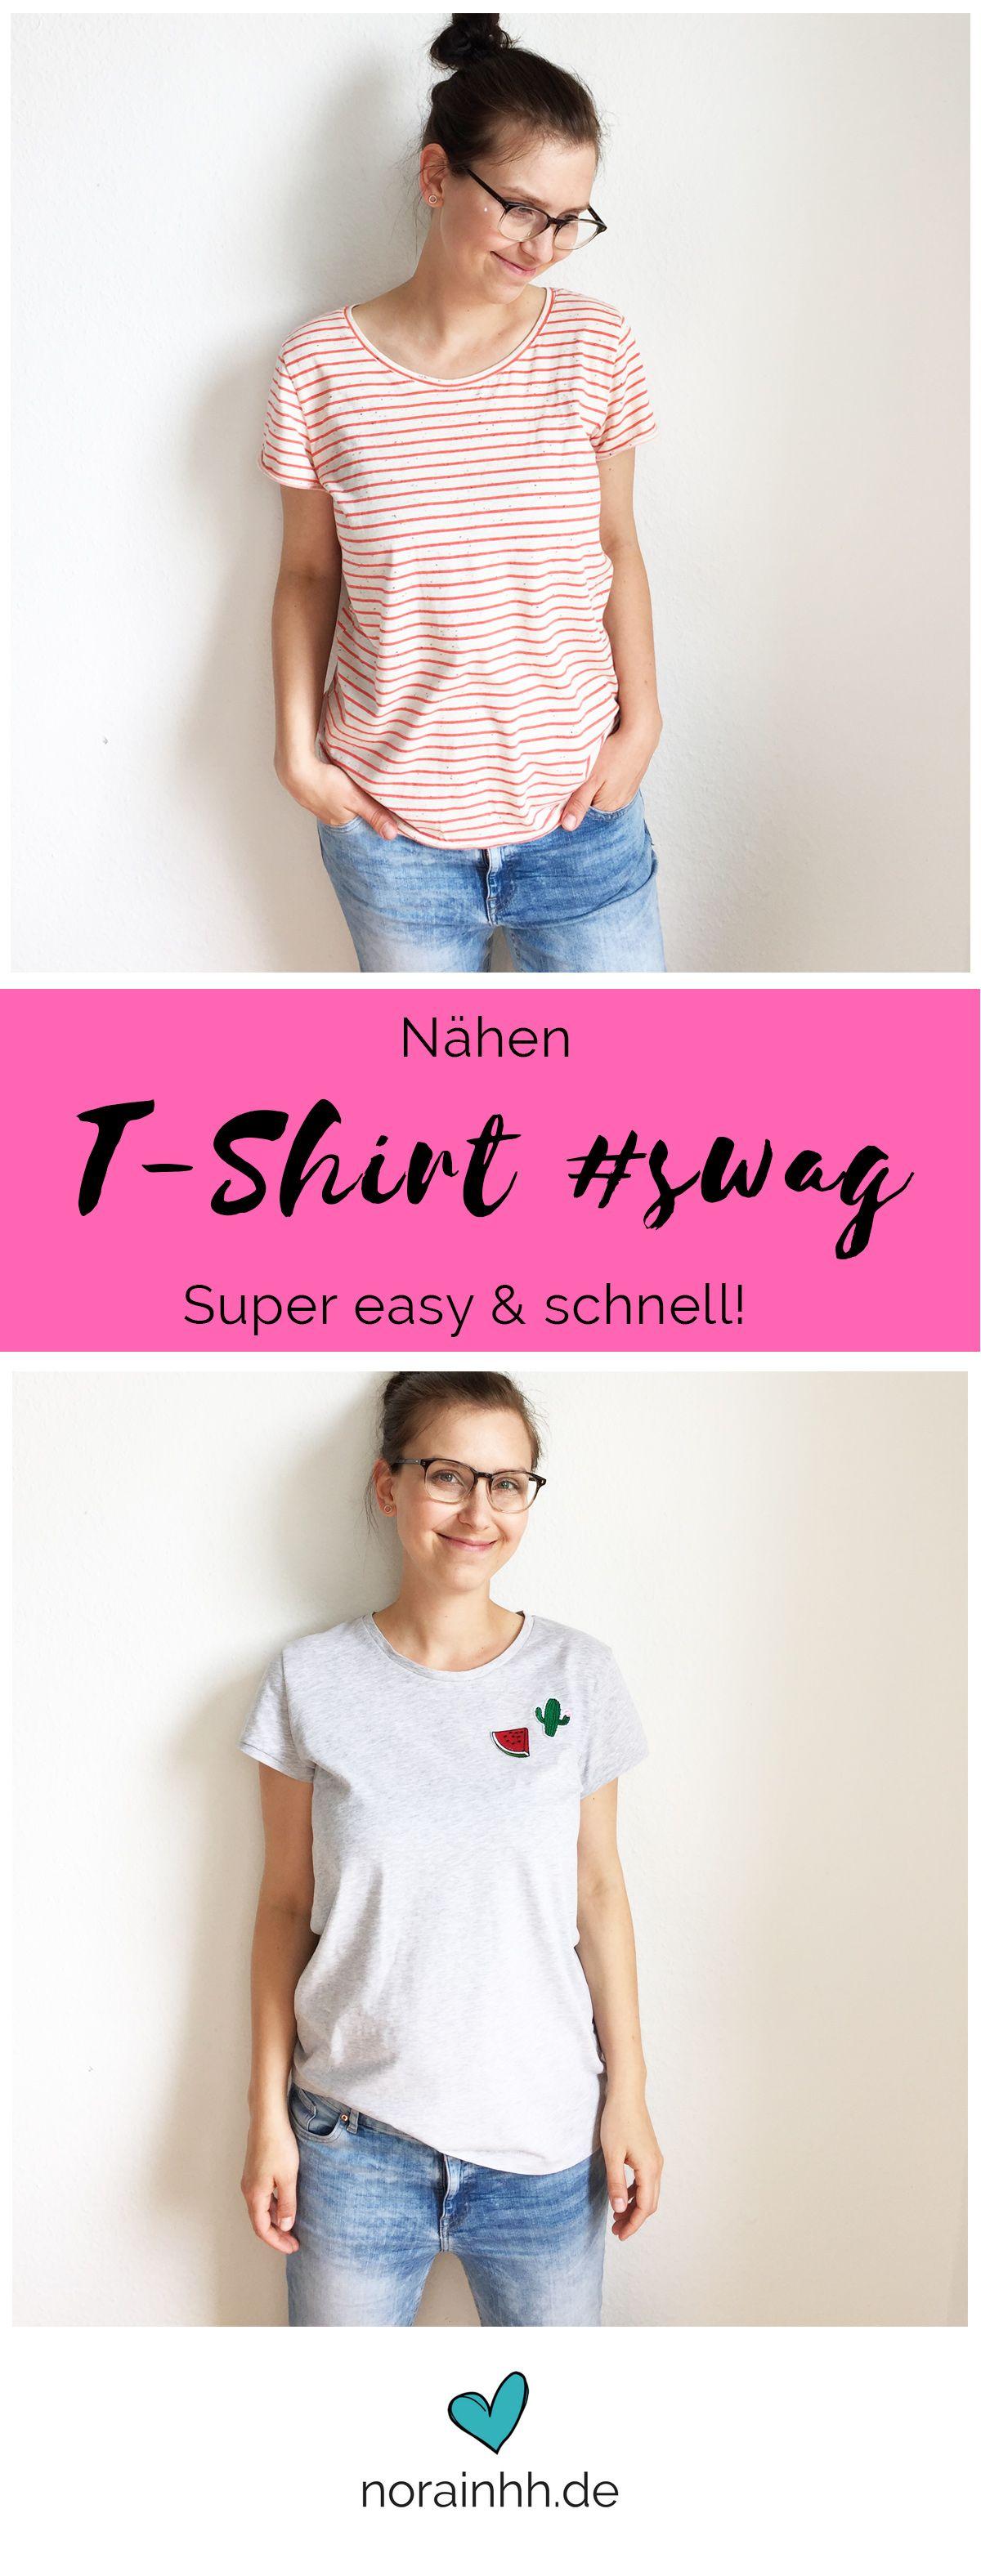 Tshirt Schnittmuster #swag | Selbst genäht, Sommer und Schnittmuster